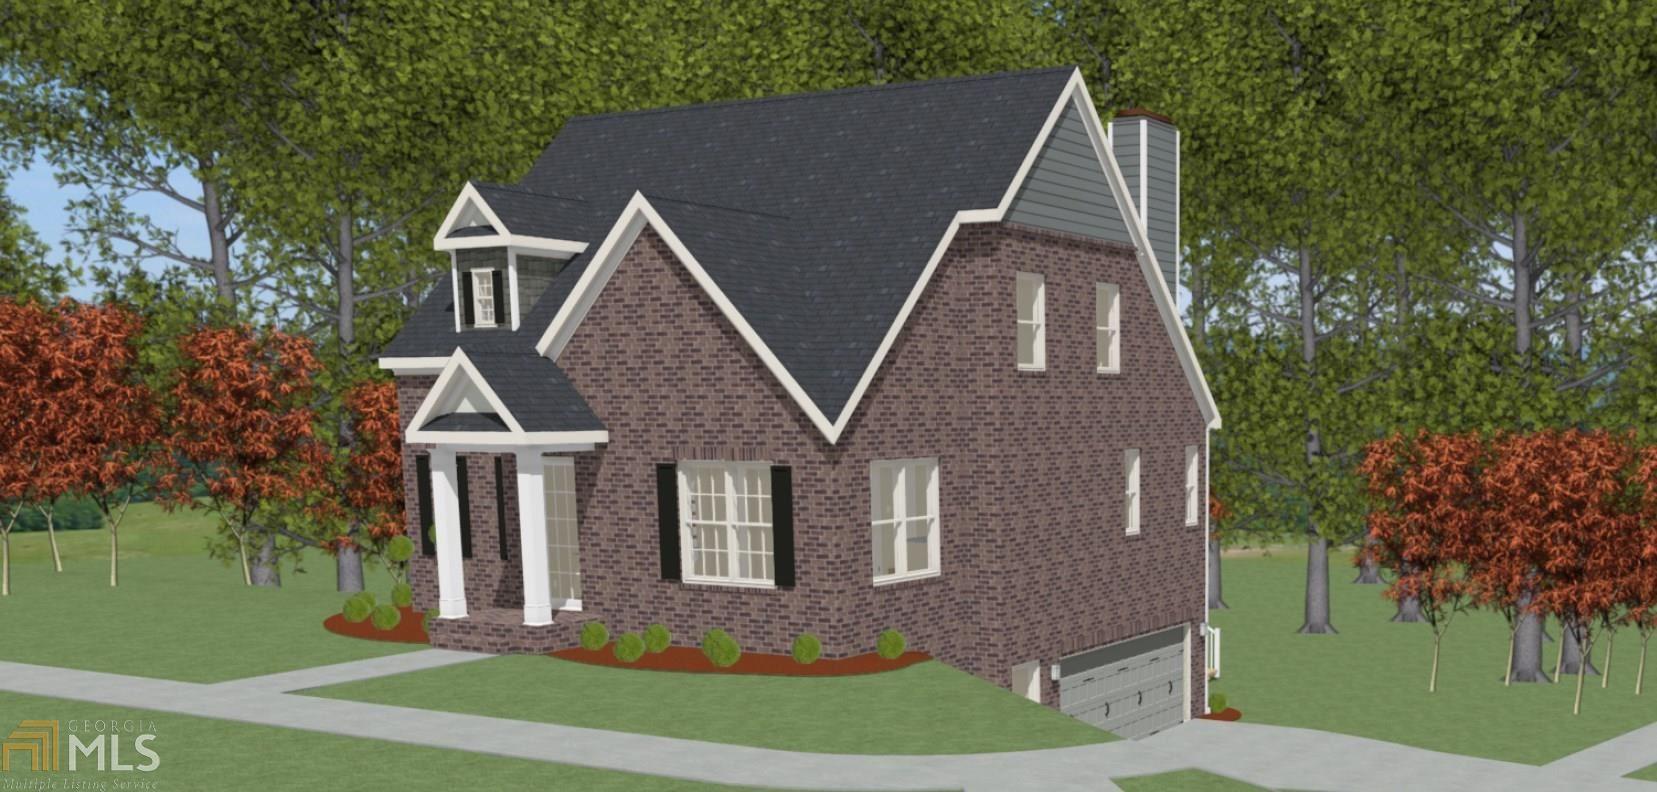 500 Cliffhaven Ln, Athens, GA 30606 - #: 8808667